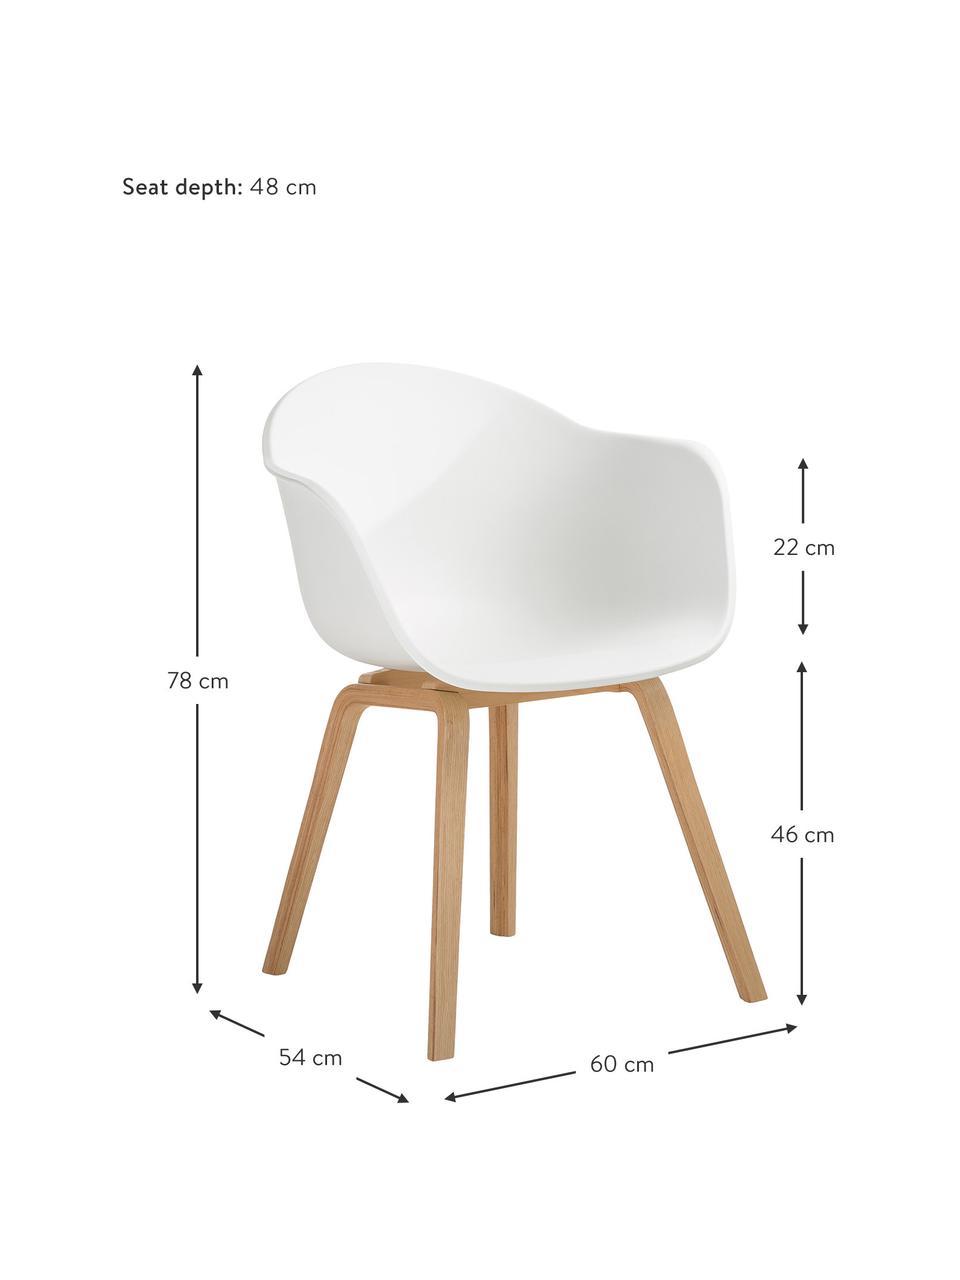 Kunststoff-Armlehnstuhl Claire mit Holzbeinen, Sitzschale: Kunststoff, Beine: Buchenholz, Weiß, B 60 x T 54 cm